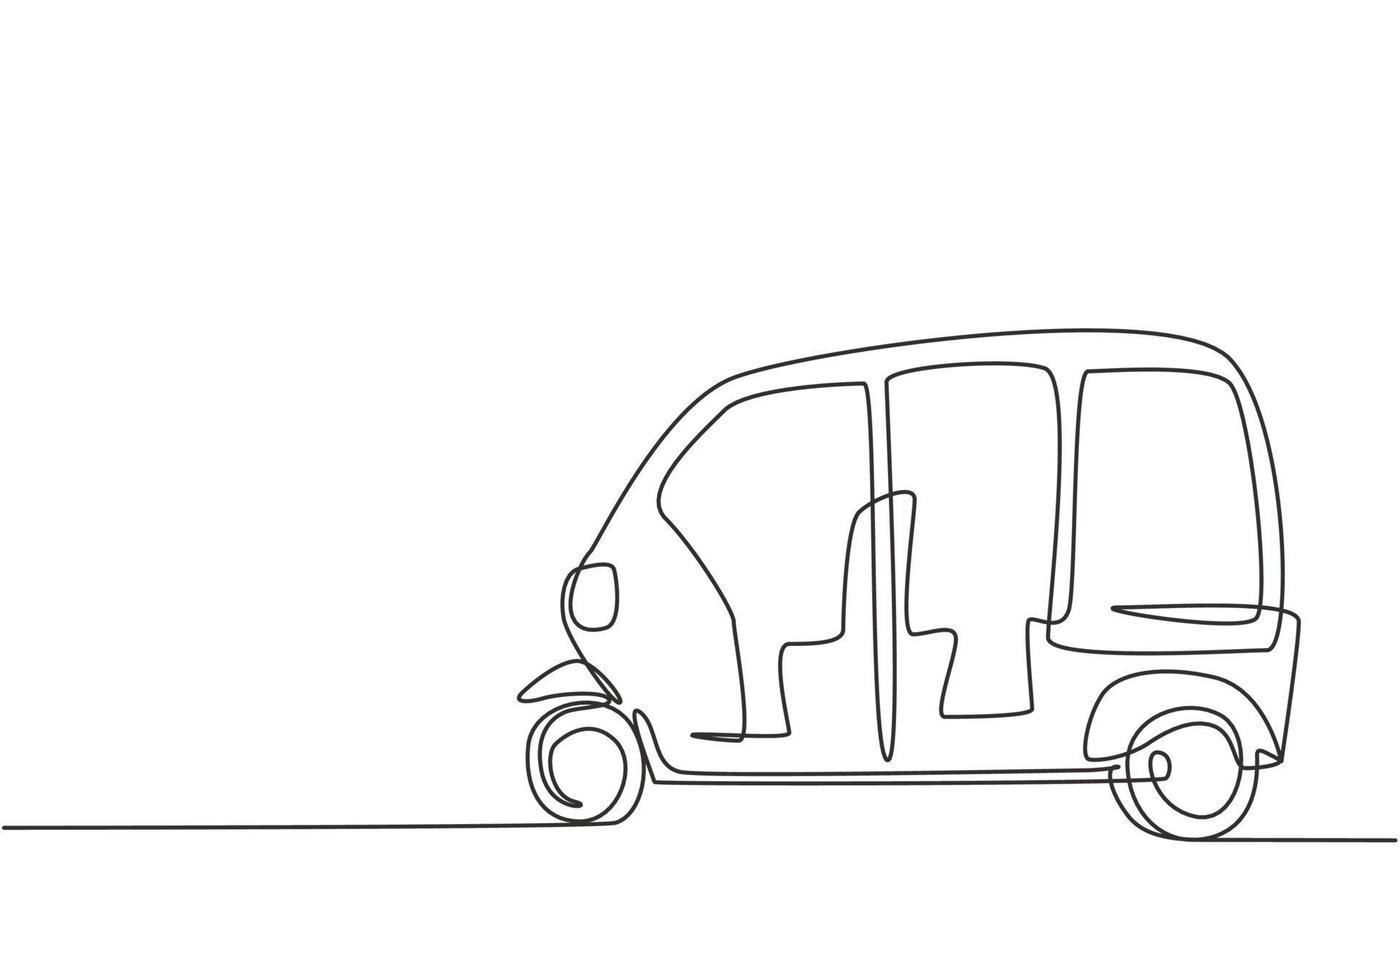 kontinuierliche Linienzeichnung Transport vektor